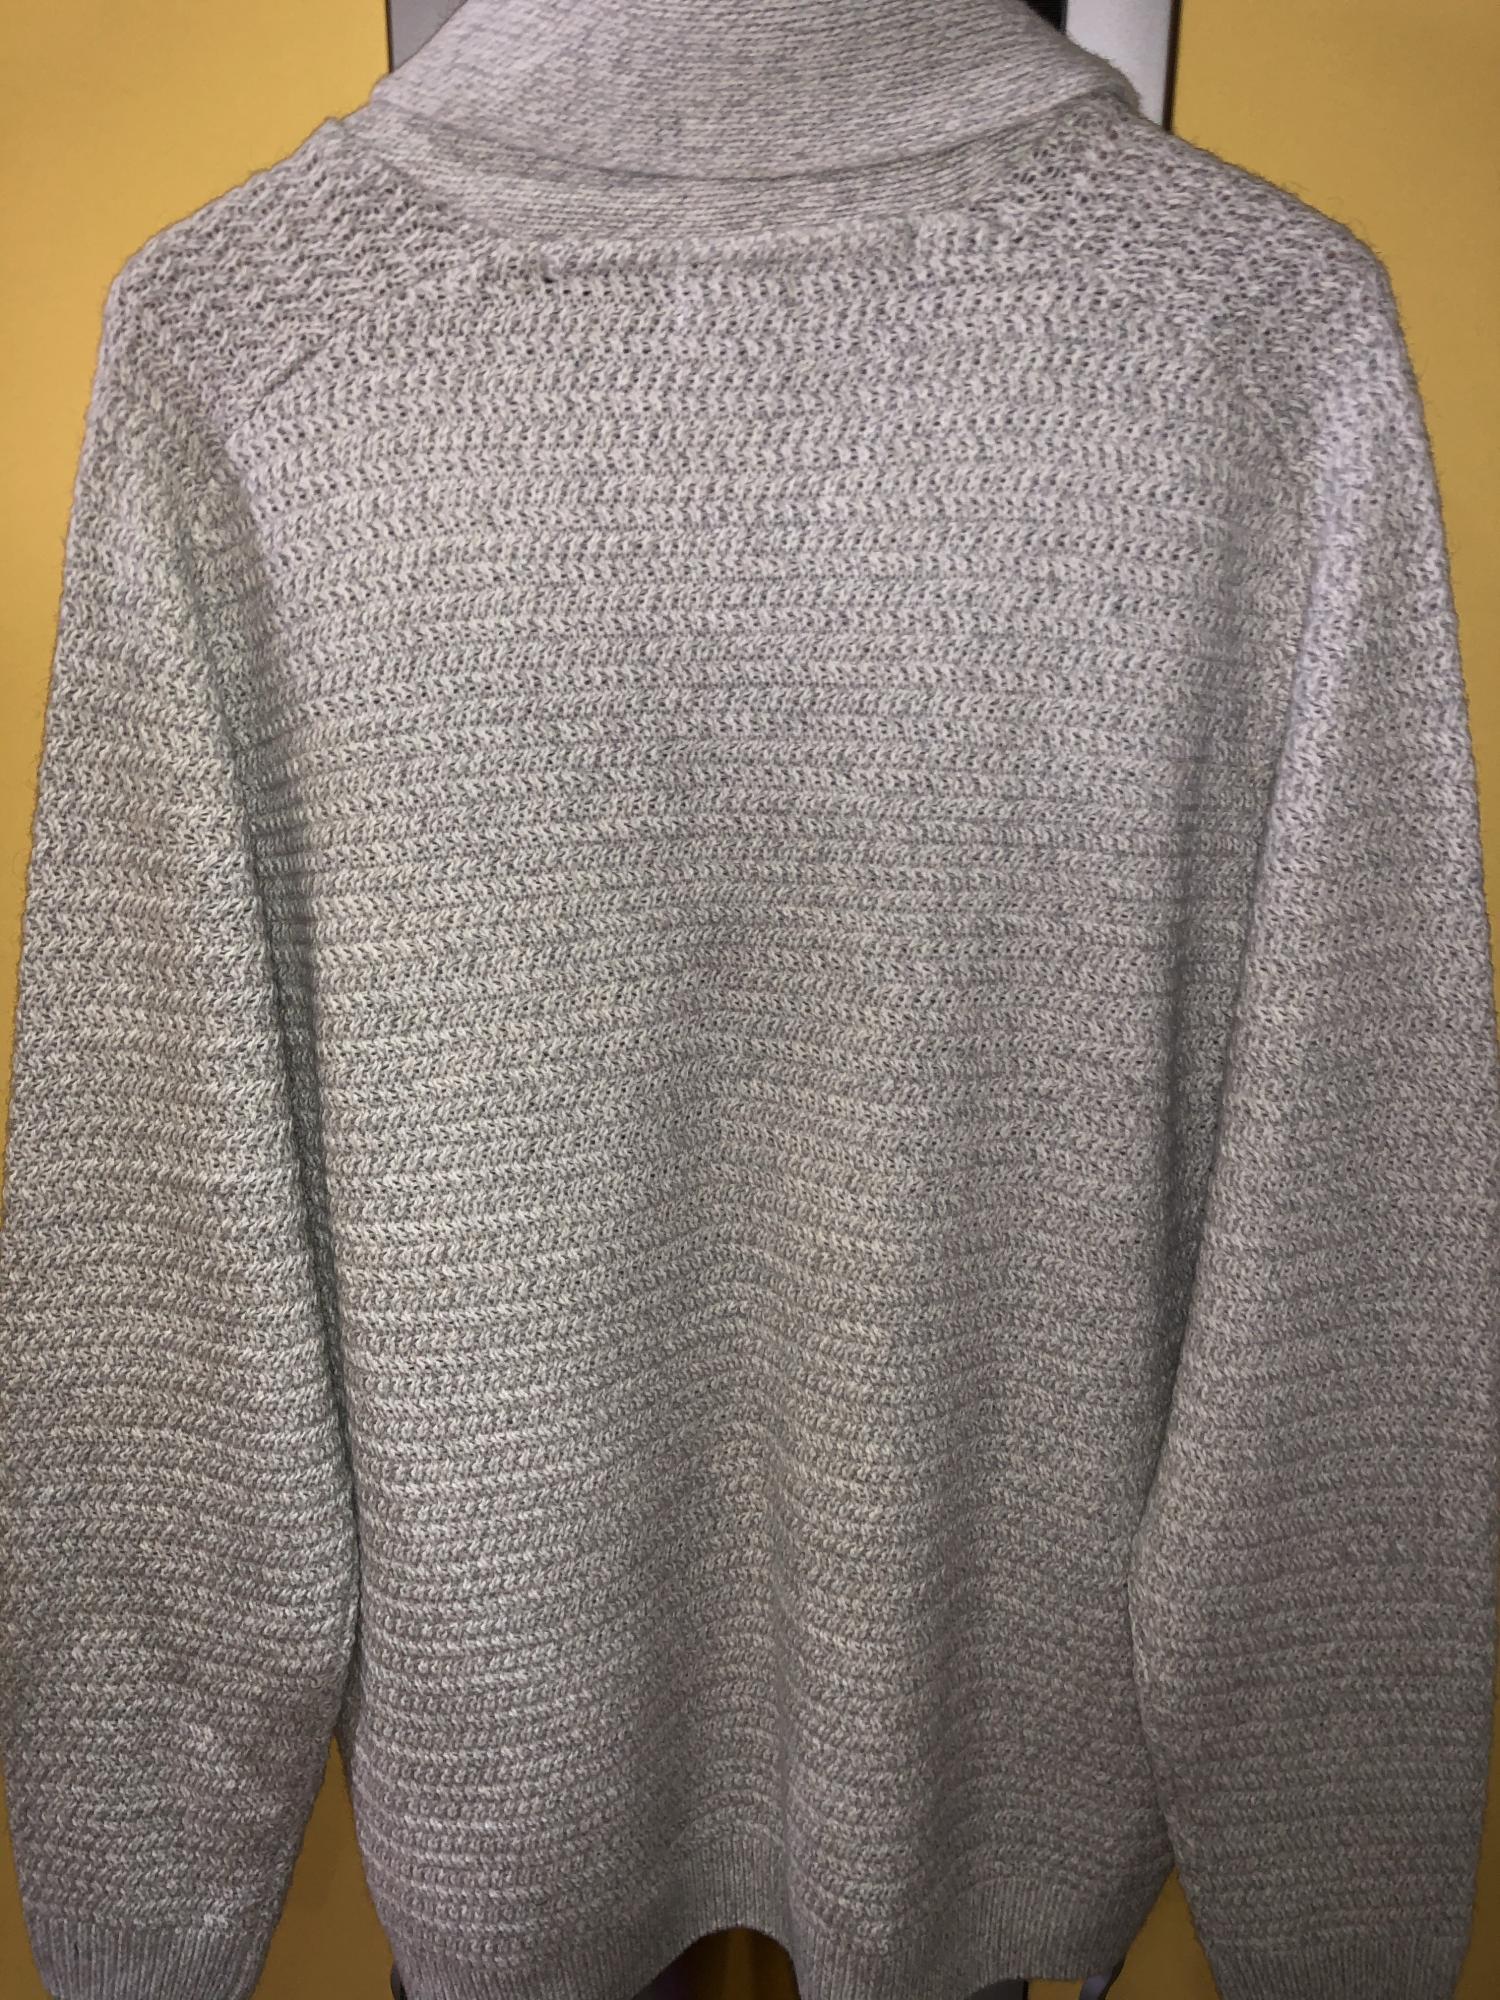 Джемпер кофта кардиган XXL серый в Москве 89035626956 купить 4